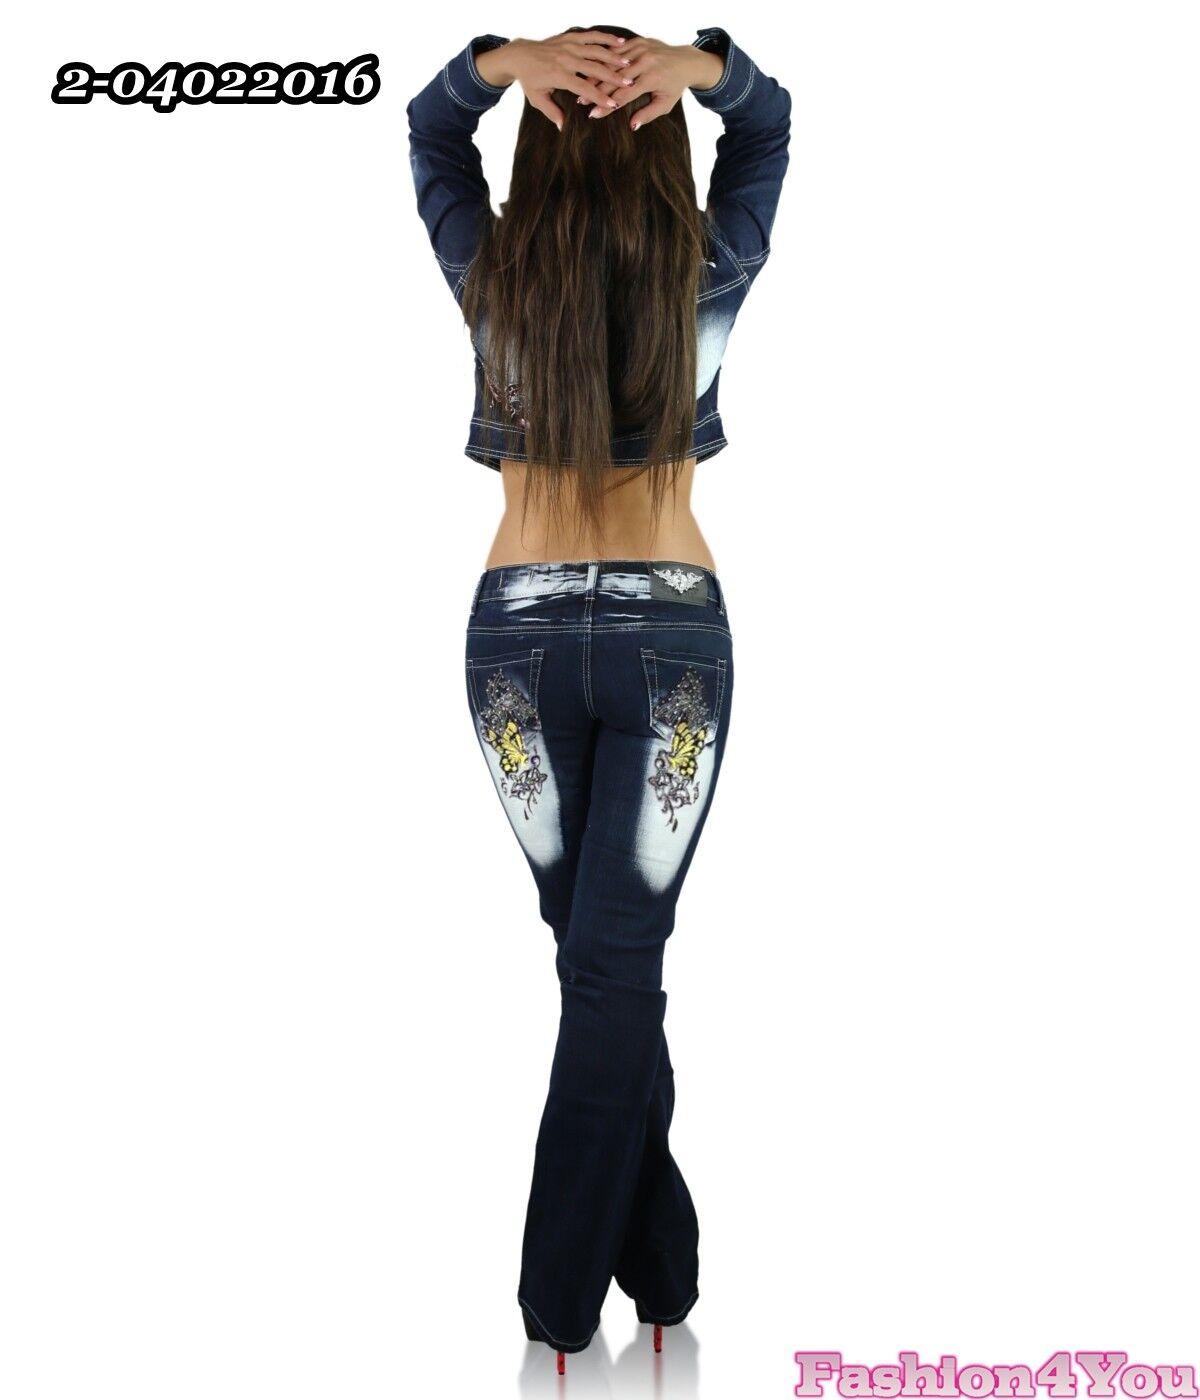 Mesdames Jeans Plus Taille Pantalon pour femme Crazy Age tatouage tatouage tatouage grande taille 14,16,18,20,22 d8cee2